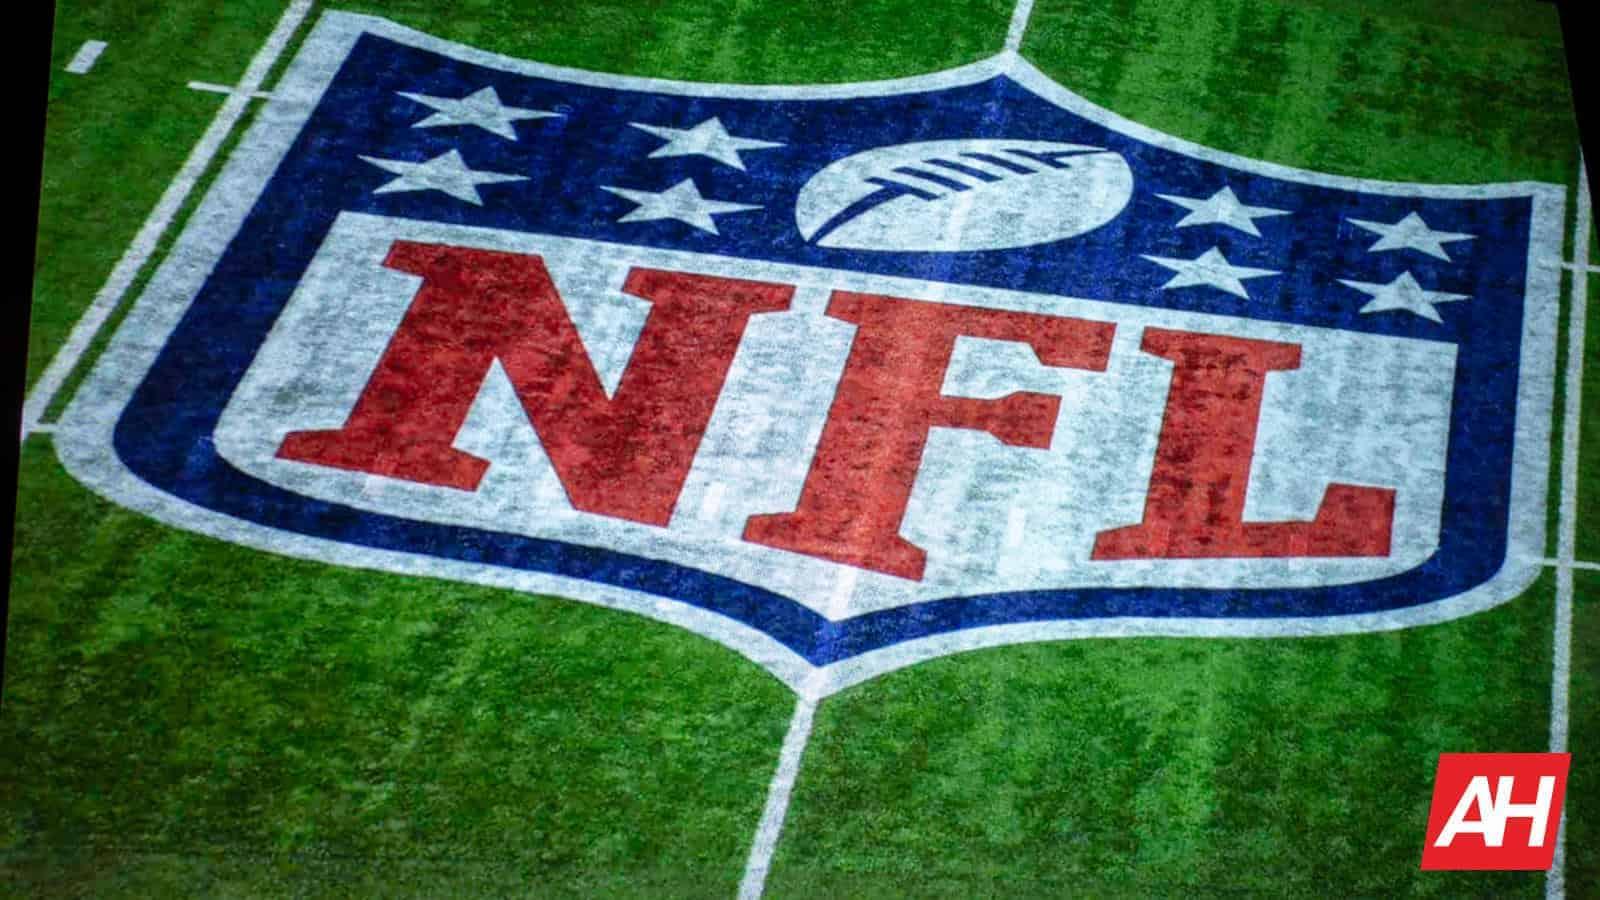 NFL AH NS 03